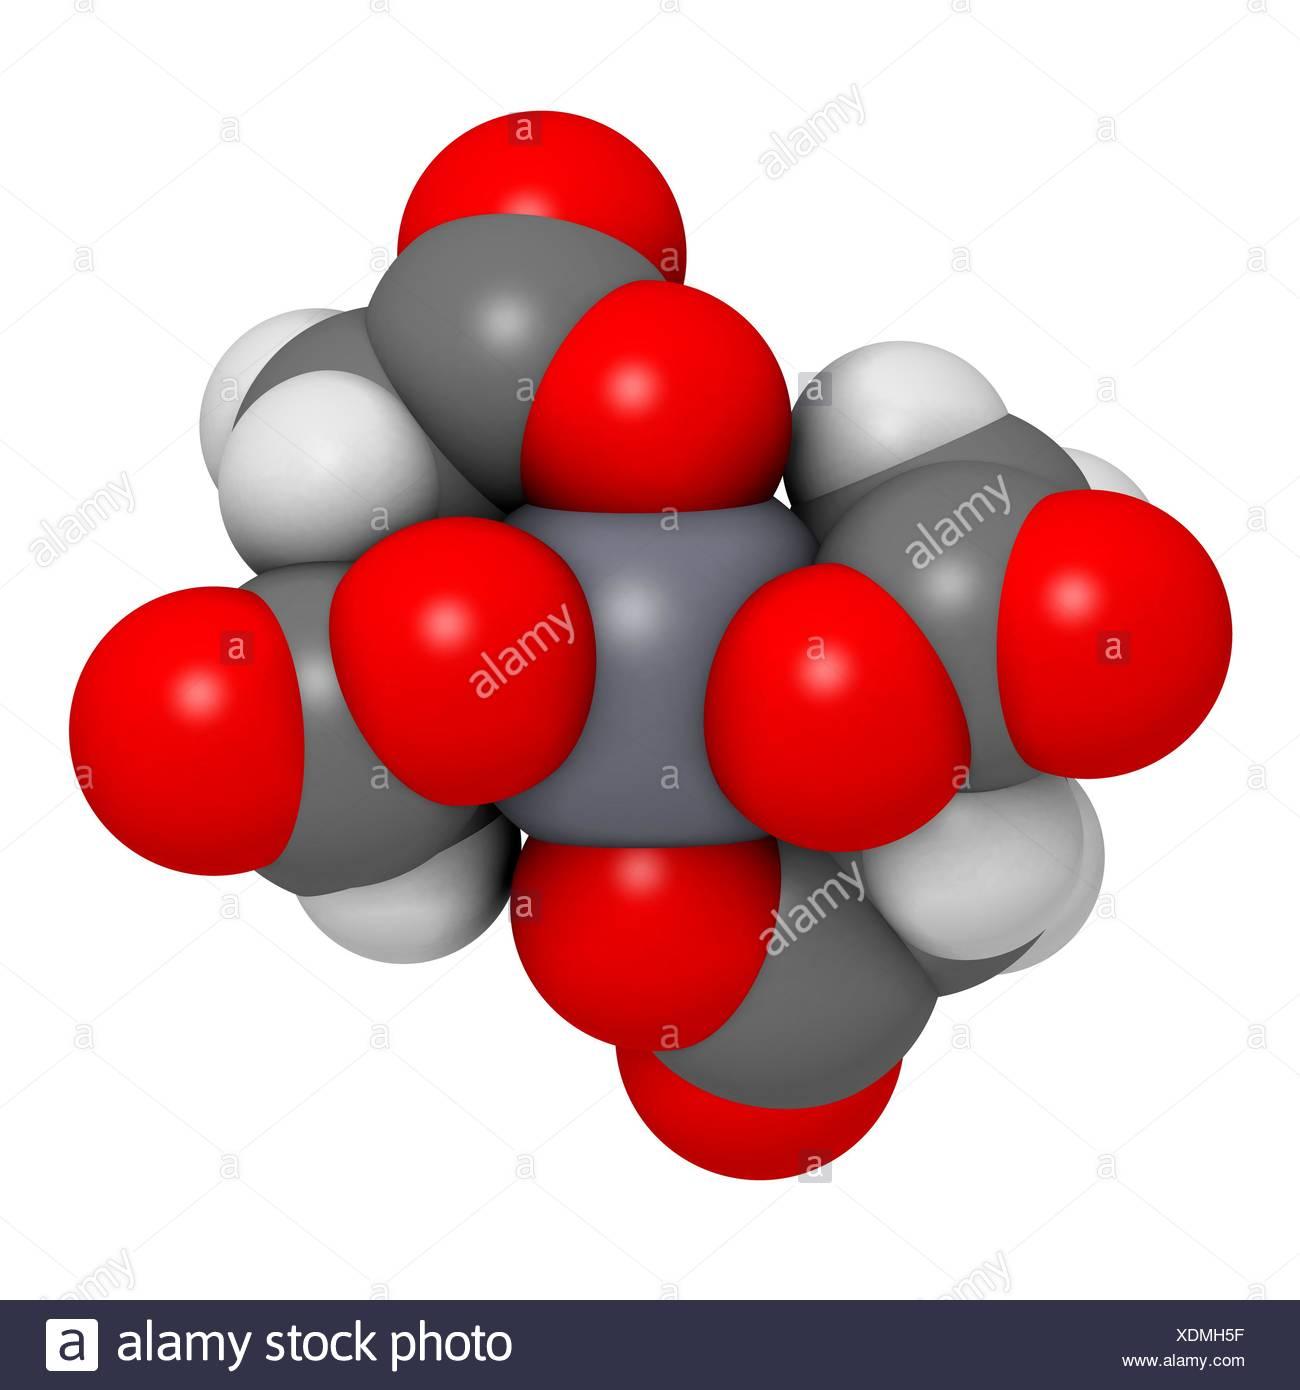 Calcium edetate (calcium EDTA) drug molecule Medically used